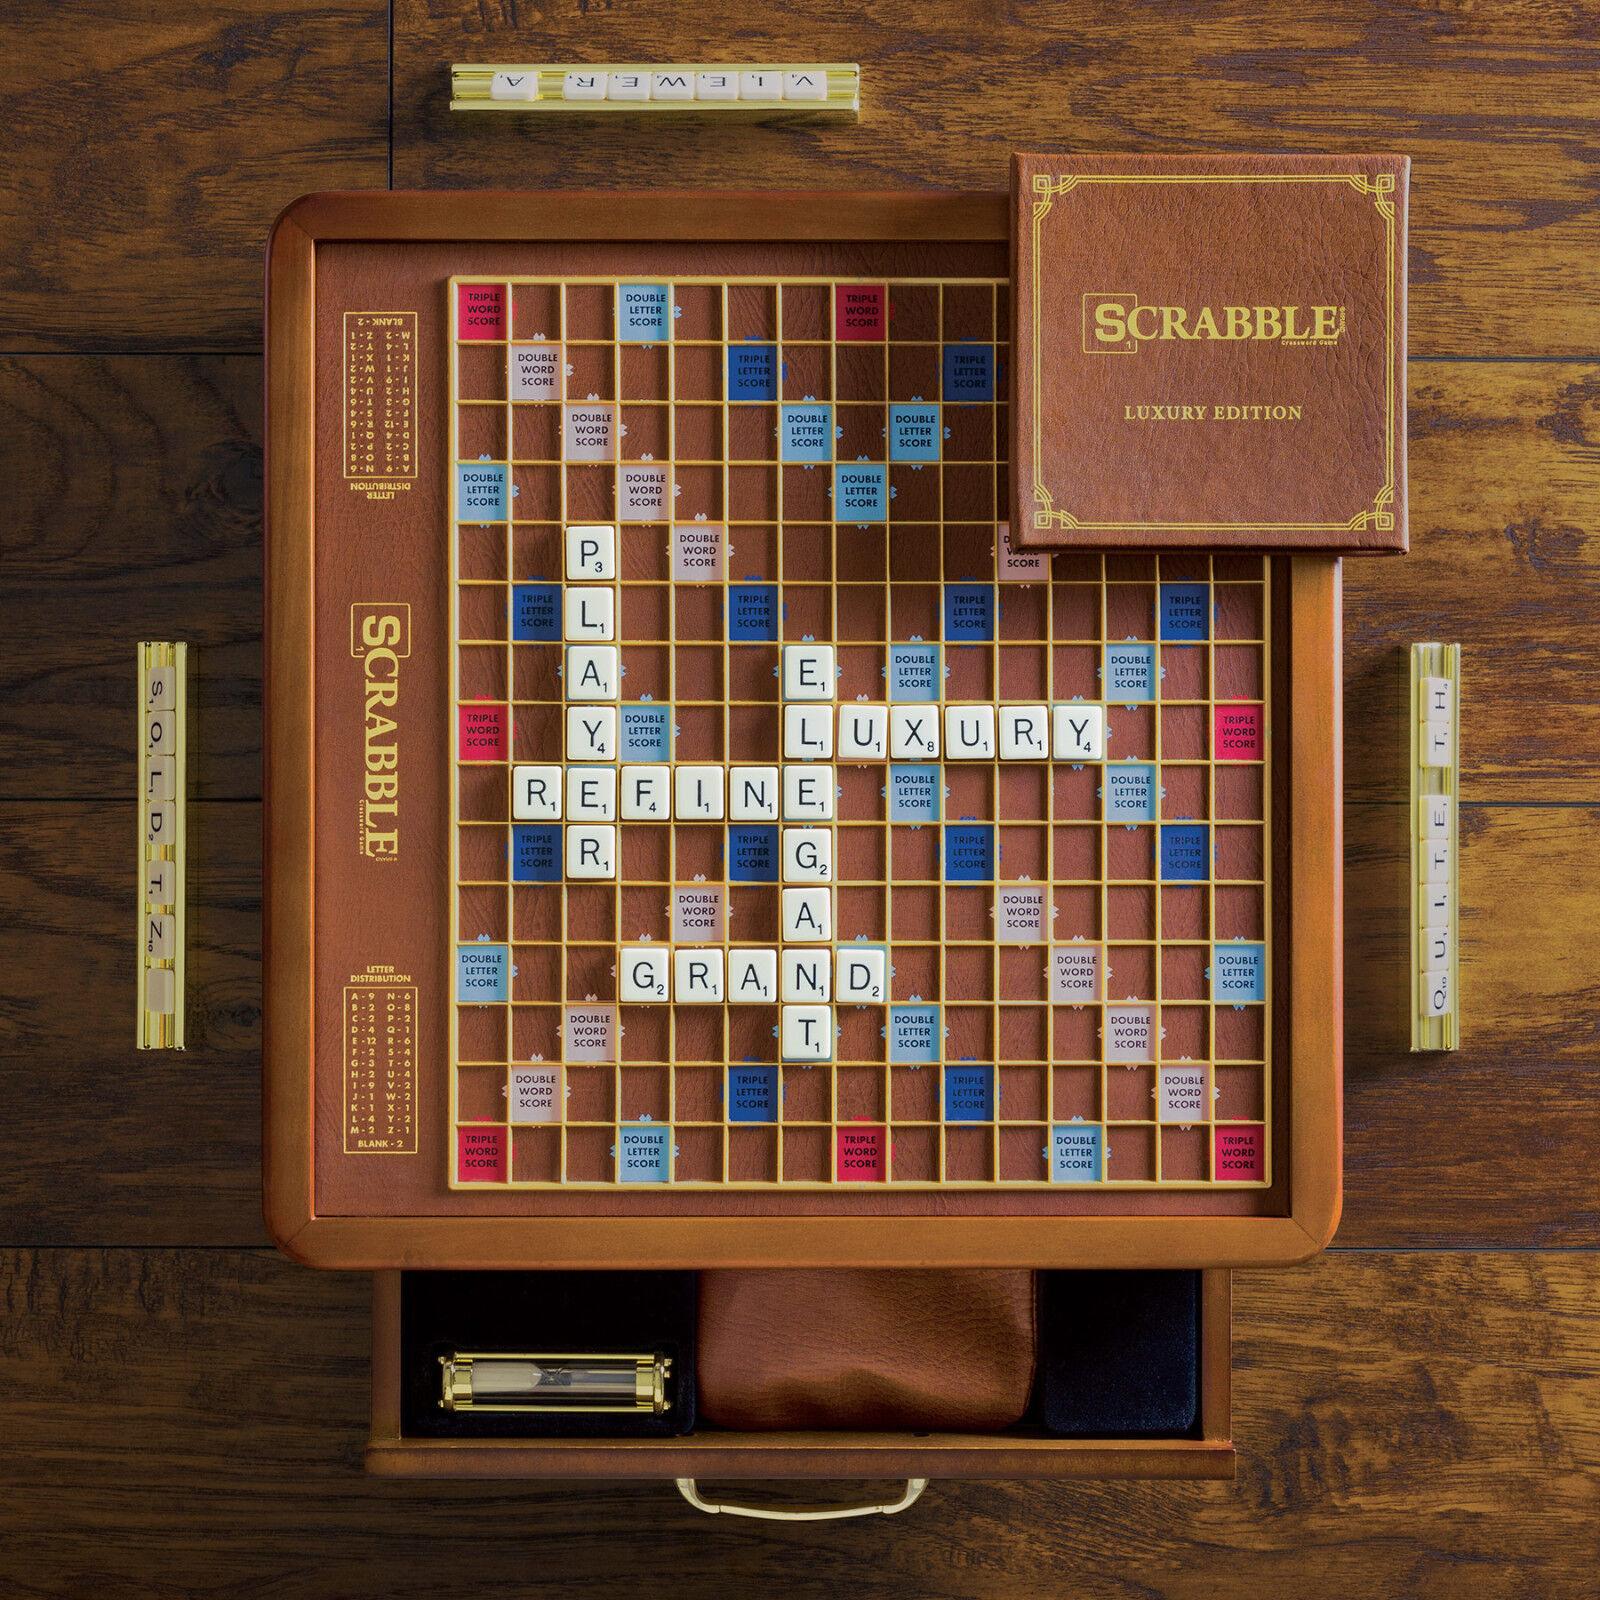 nuovo Scrabble Luxury edizione with Wood Cabinet e rossoating  Turntable gioco tavola  ottima selezione e consegna rapida